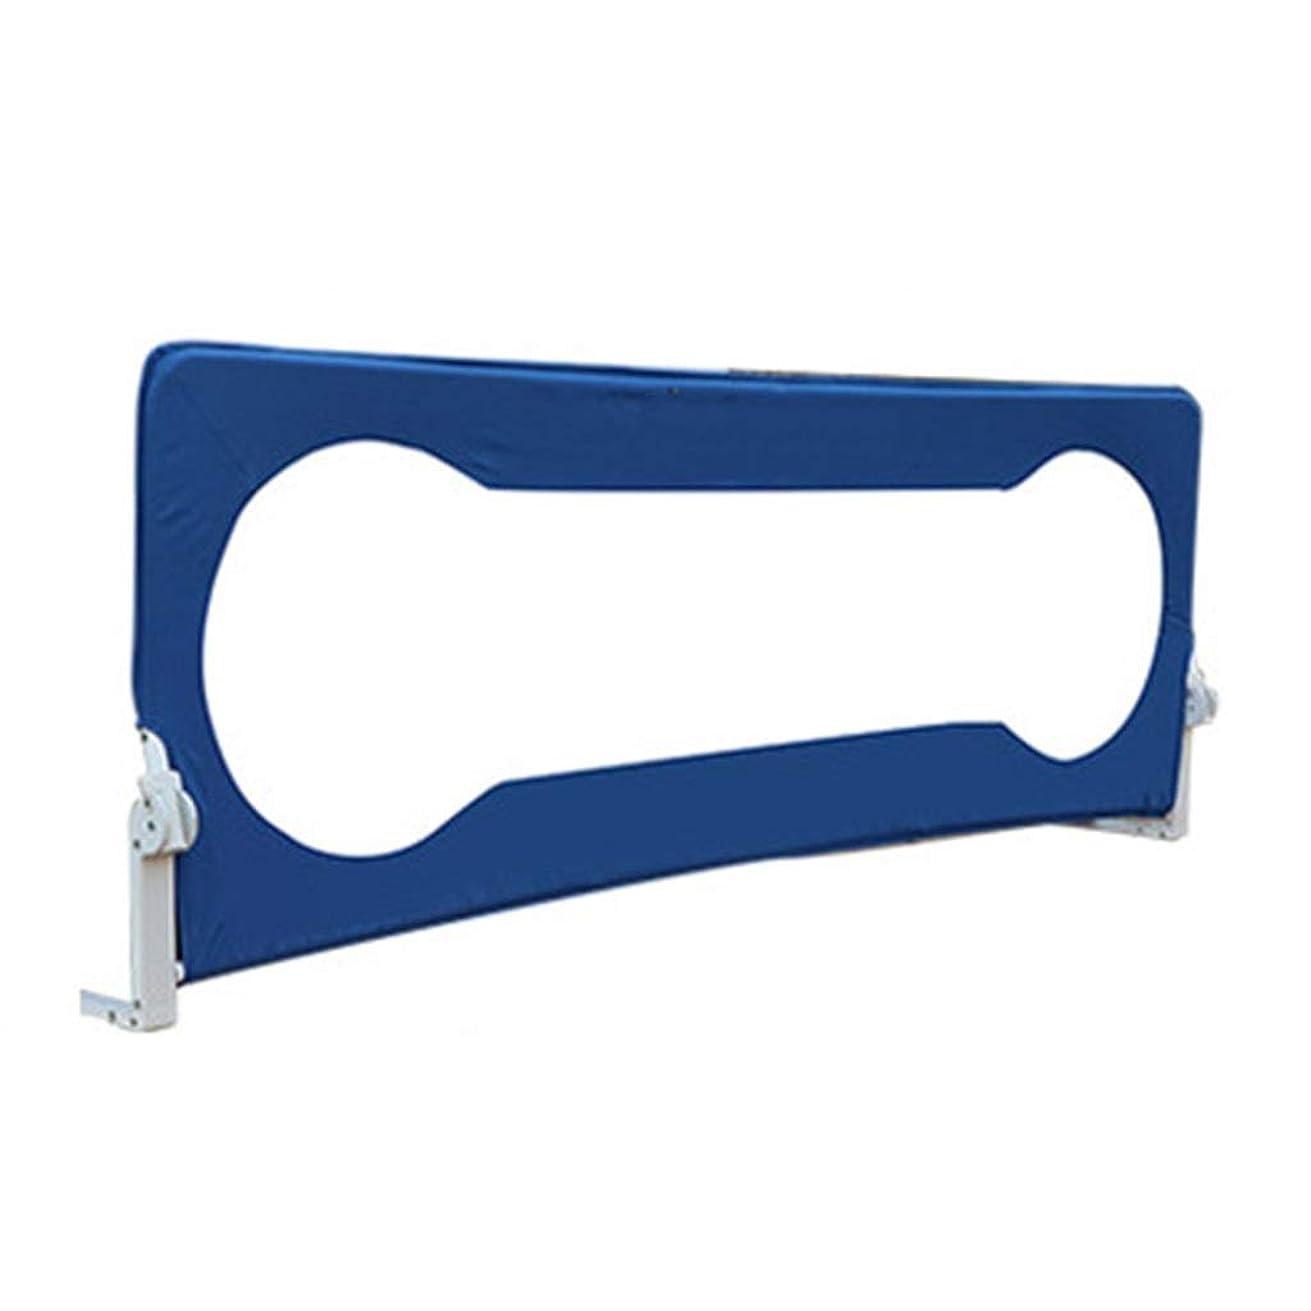 WCX のベッドガードのためのベッドレールガードベビーベッドレールの安全レールキッズベッドレール 30°チルト垂直 安全な睡眠を守る,ダブルベッド用 (Color : Blue, Size : 0.68x1.8m)